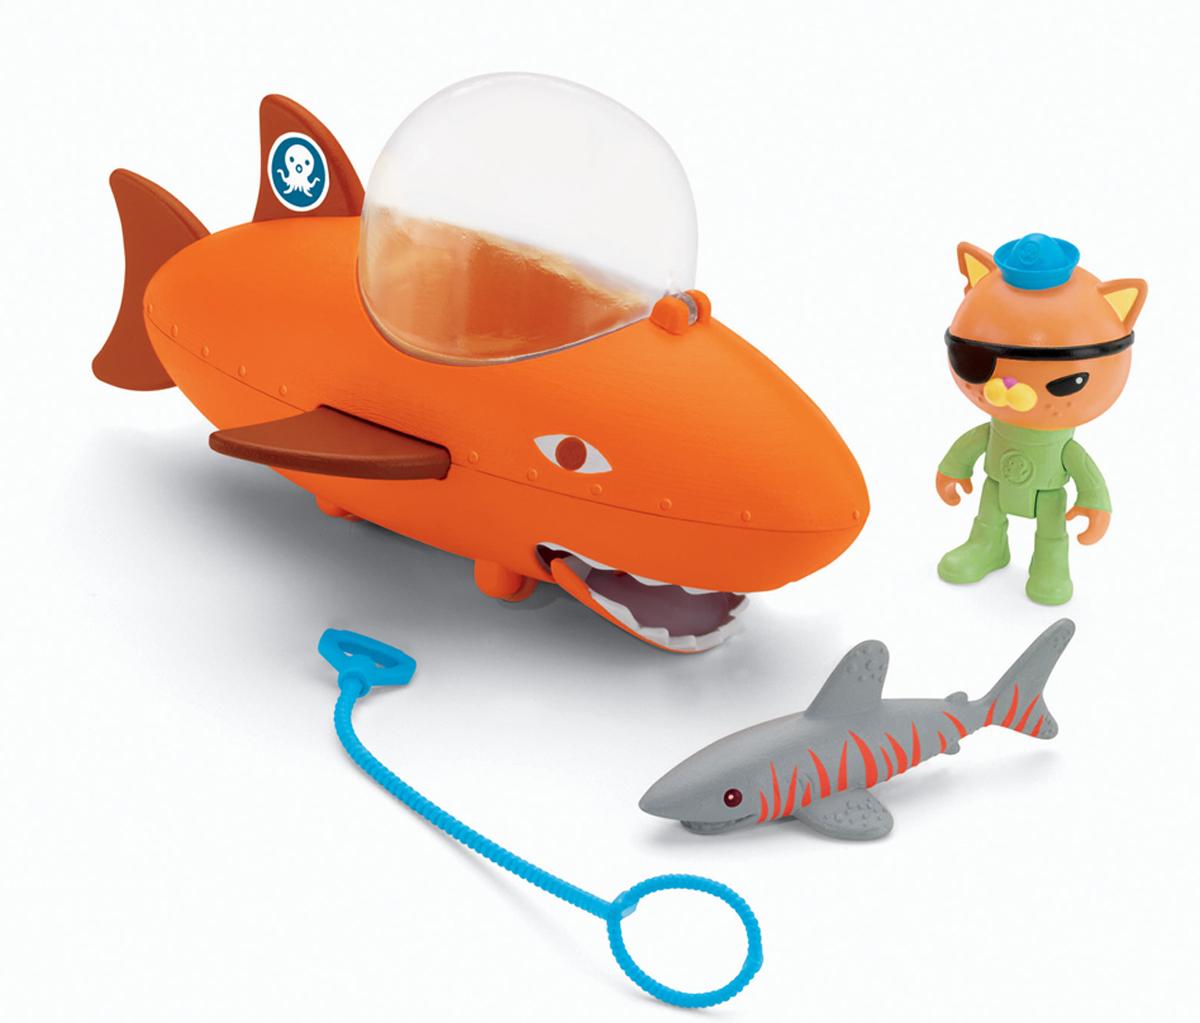 Octonauts Набор фигурок Квази и подводная лодкаT7017_T7018Набор фигурок Квази и подводная лодка изготовлен по мотивам знаменитого детского мультфильма о приключениях октонавтов. Октонавты - это бесстрашная команда исследователей морских глубин, которые живут на подводной базе Октопод с разнообразным флотом водных машин. Они отправляются вперед навстречу морским приключениям. Главный девиз команды - изучать, спасать, защищать! обитателей! А теперь дети могут принимать непосредственное участие в приключениях октонавтов! В каждой подводной лодке есть все необходимое для спасательных операций. Фигурка спасателя с легкостью помещается в подводной лодке. Лодка может выстреливать струей воды! Квази берет специальный гарпун, чтобы поймать огромную акулу. Фигурка акулы меняет цвет в теплой воде. Много незабываемых впечатлений и новых открытий ждет малышей в компании героев мультфильма!